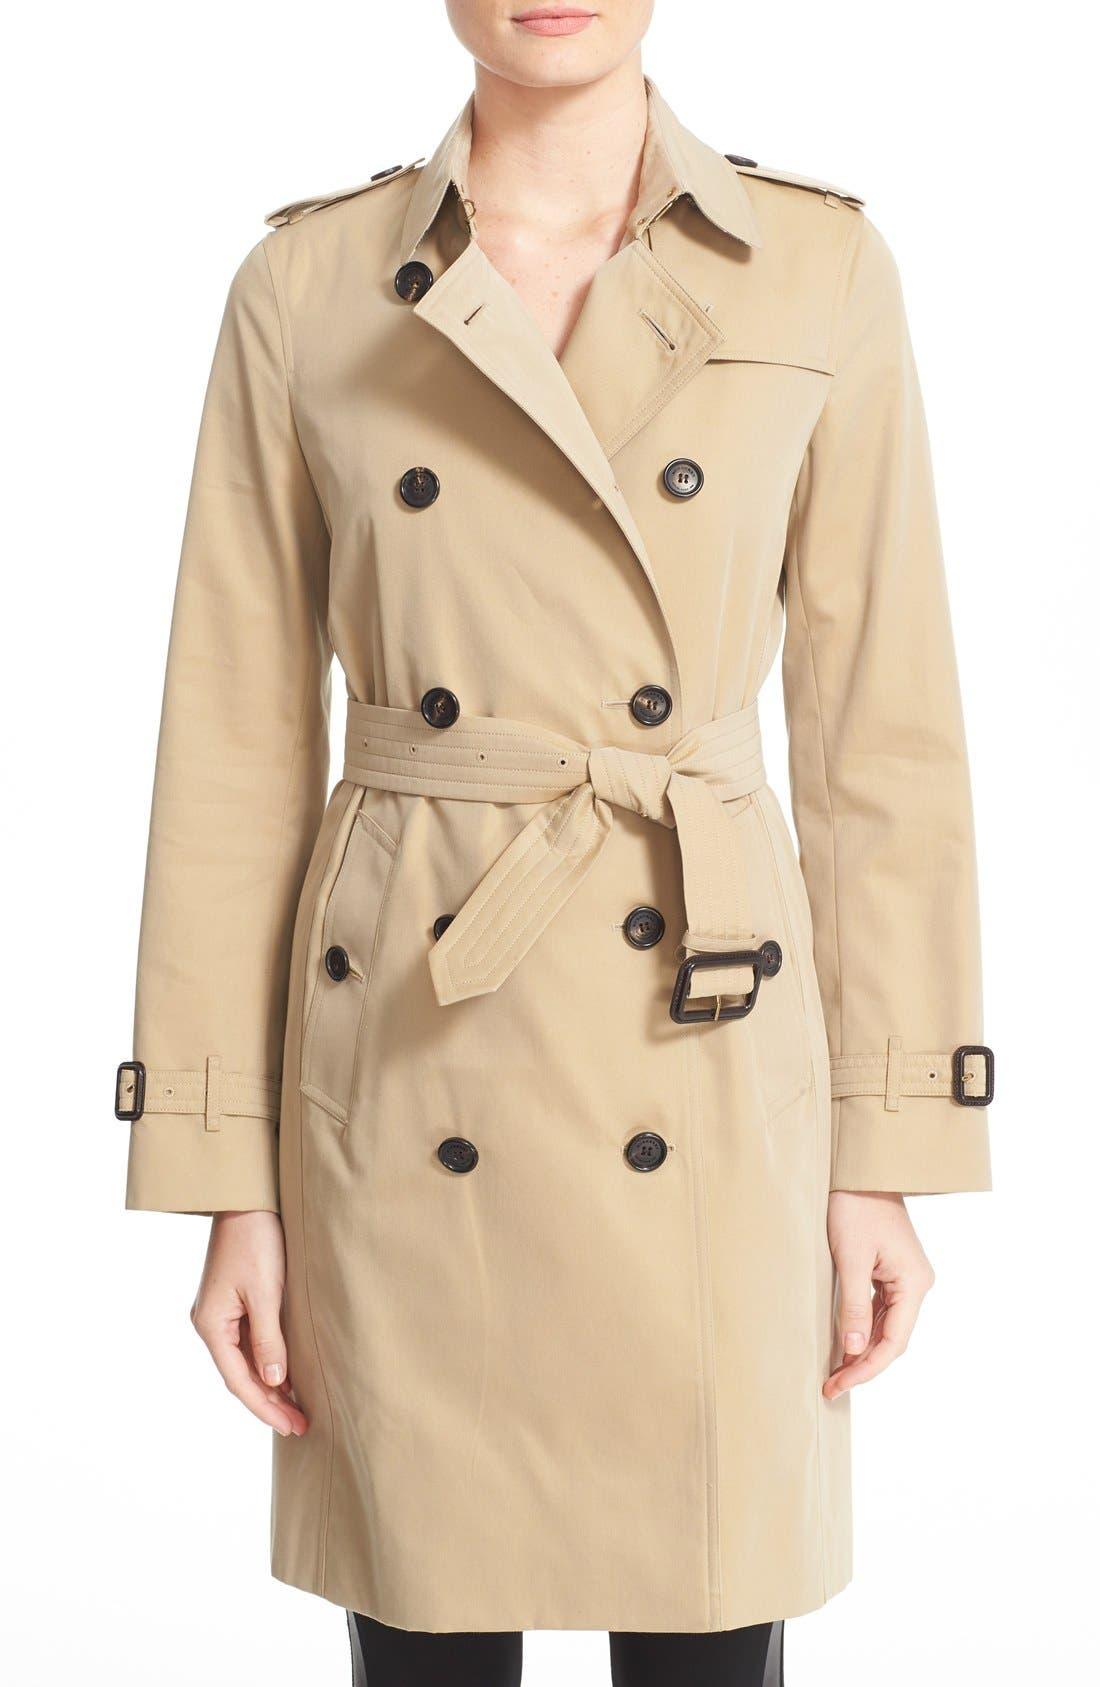 Burberry jackets womens sale